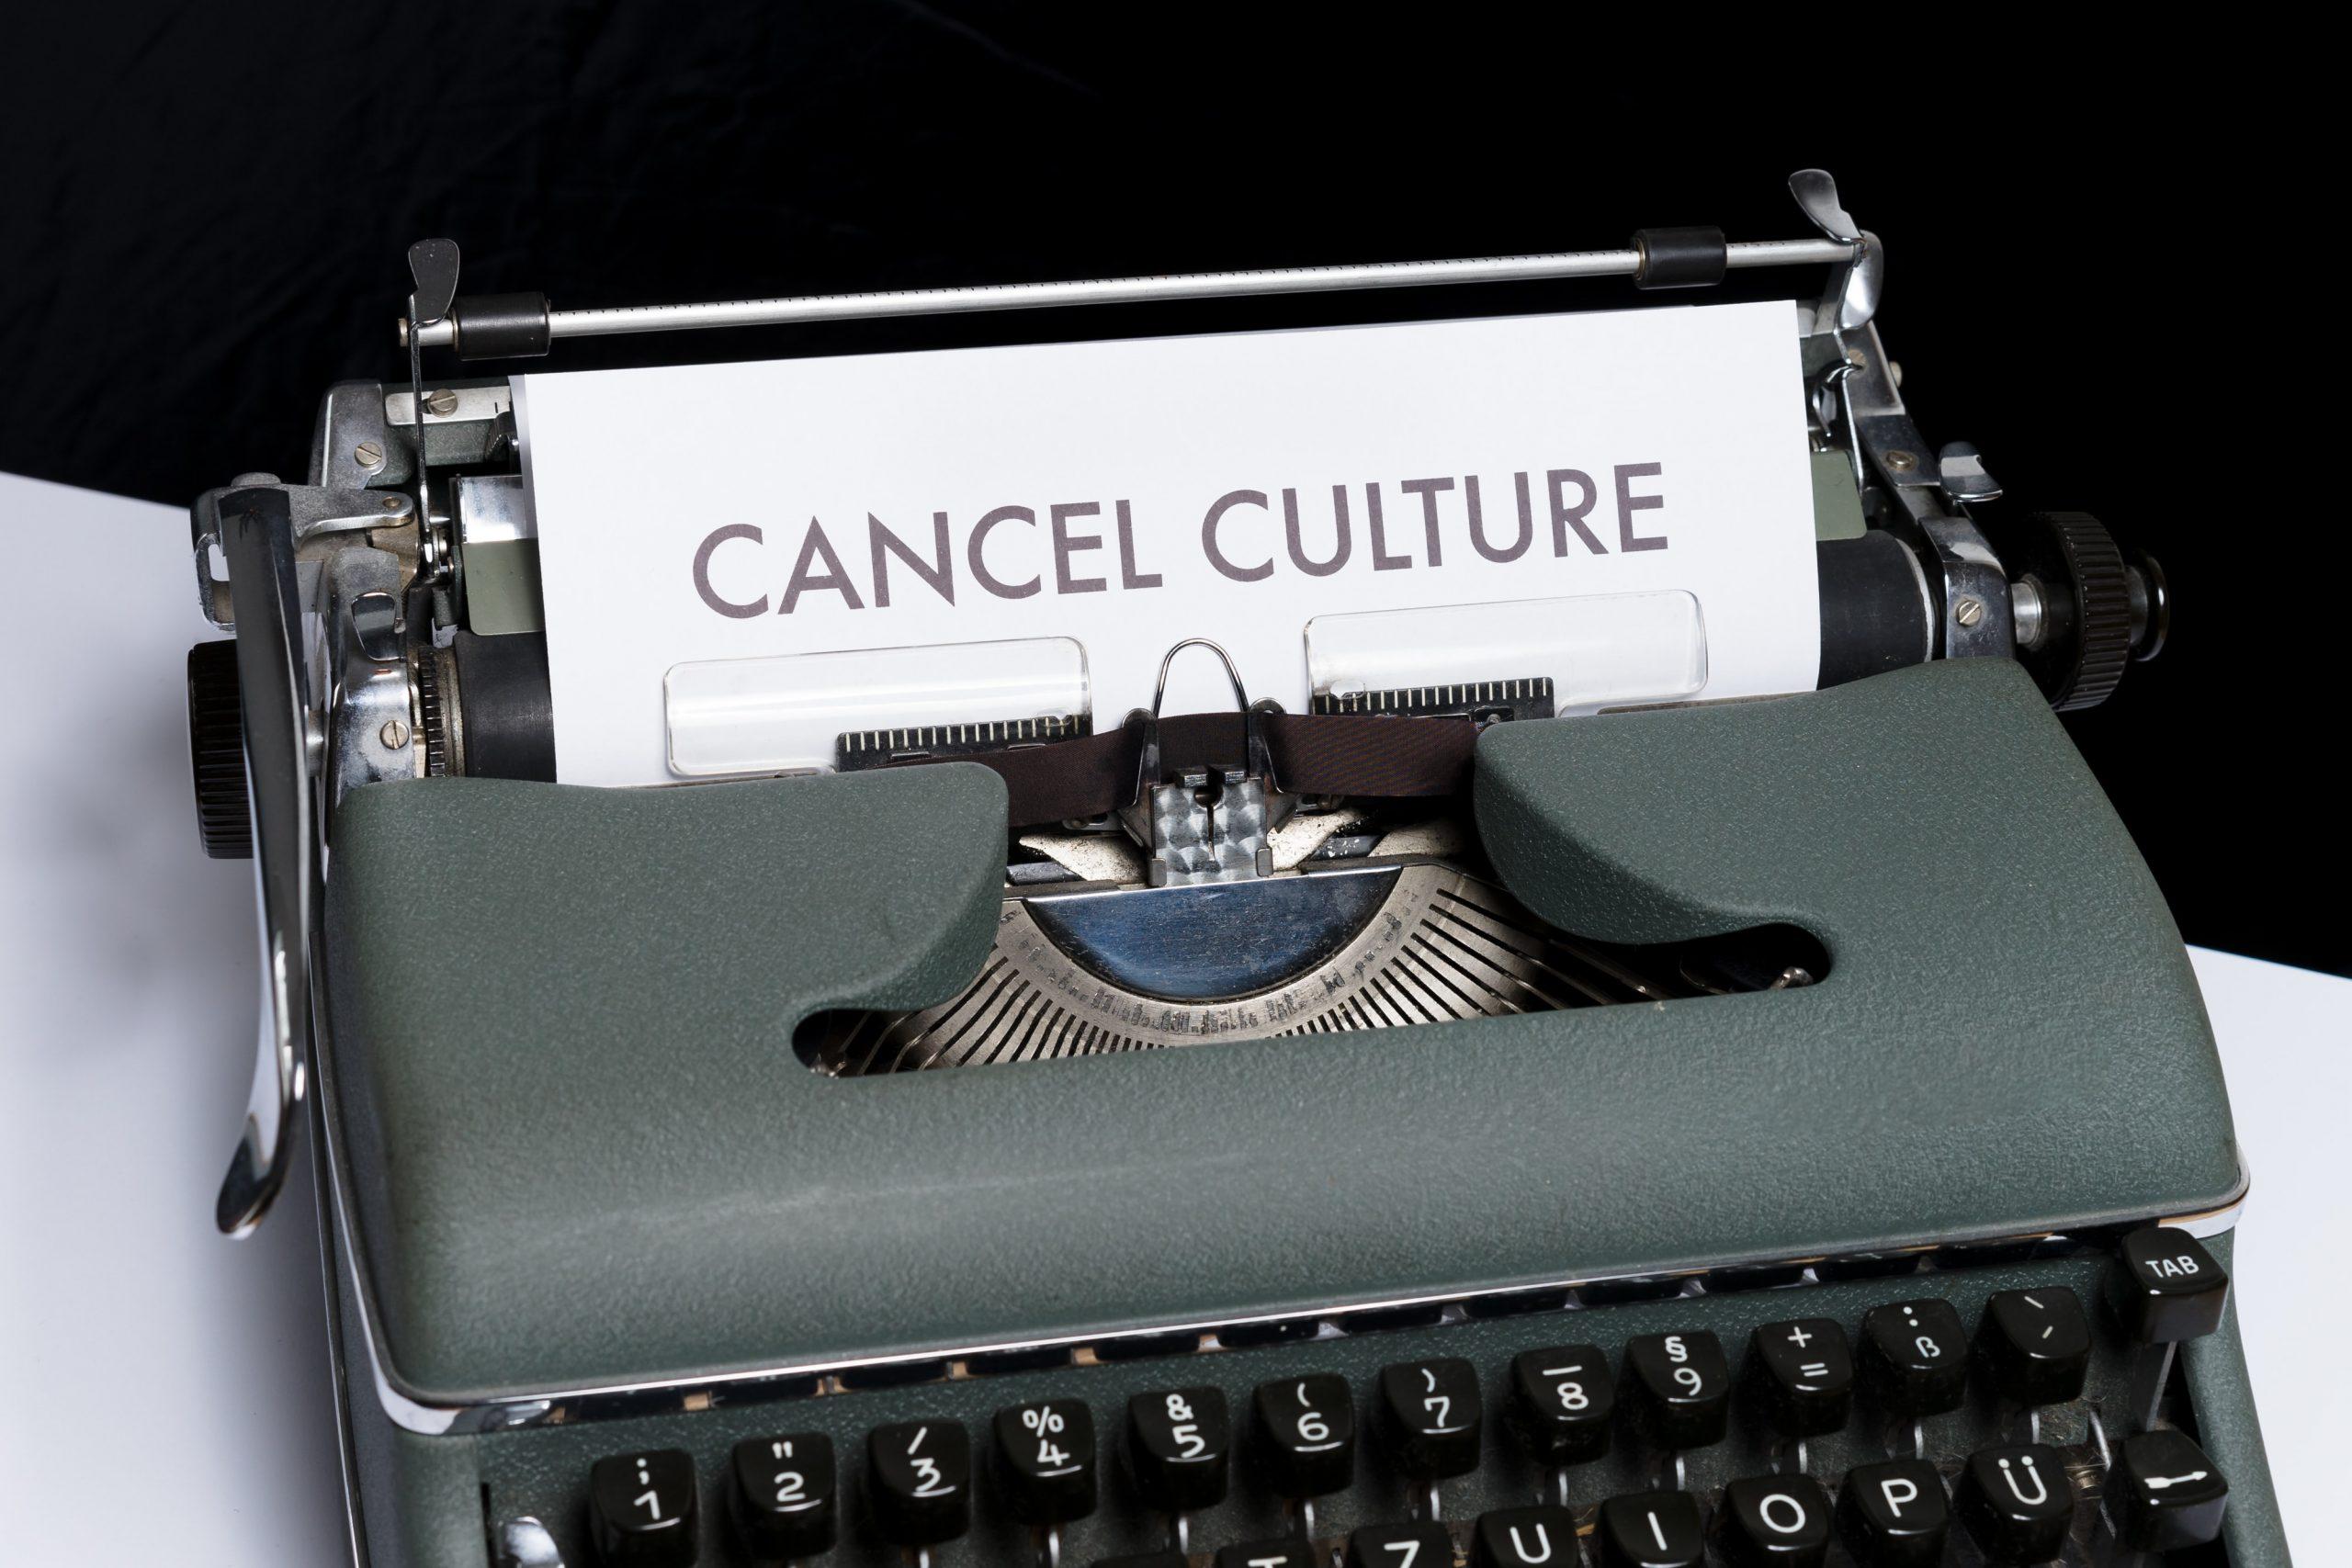 La cancel culture è un problema, la Harper's Letter non è la soluzione